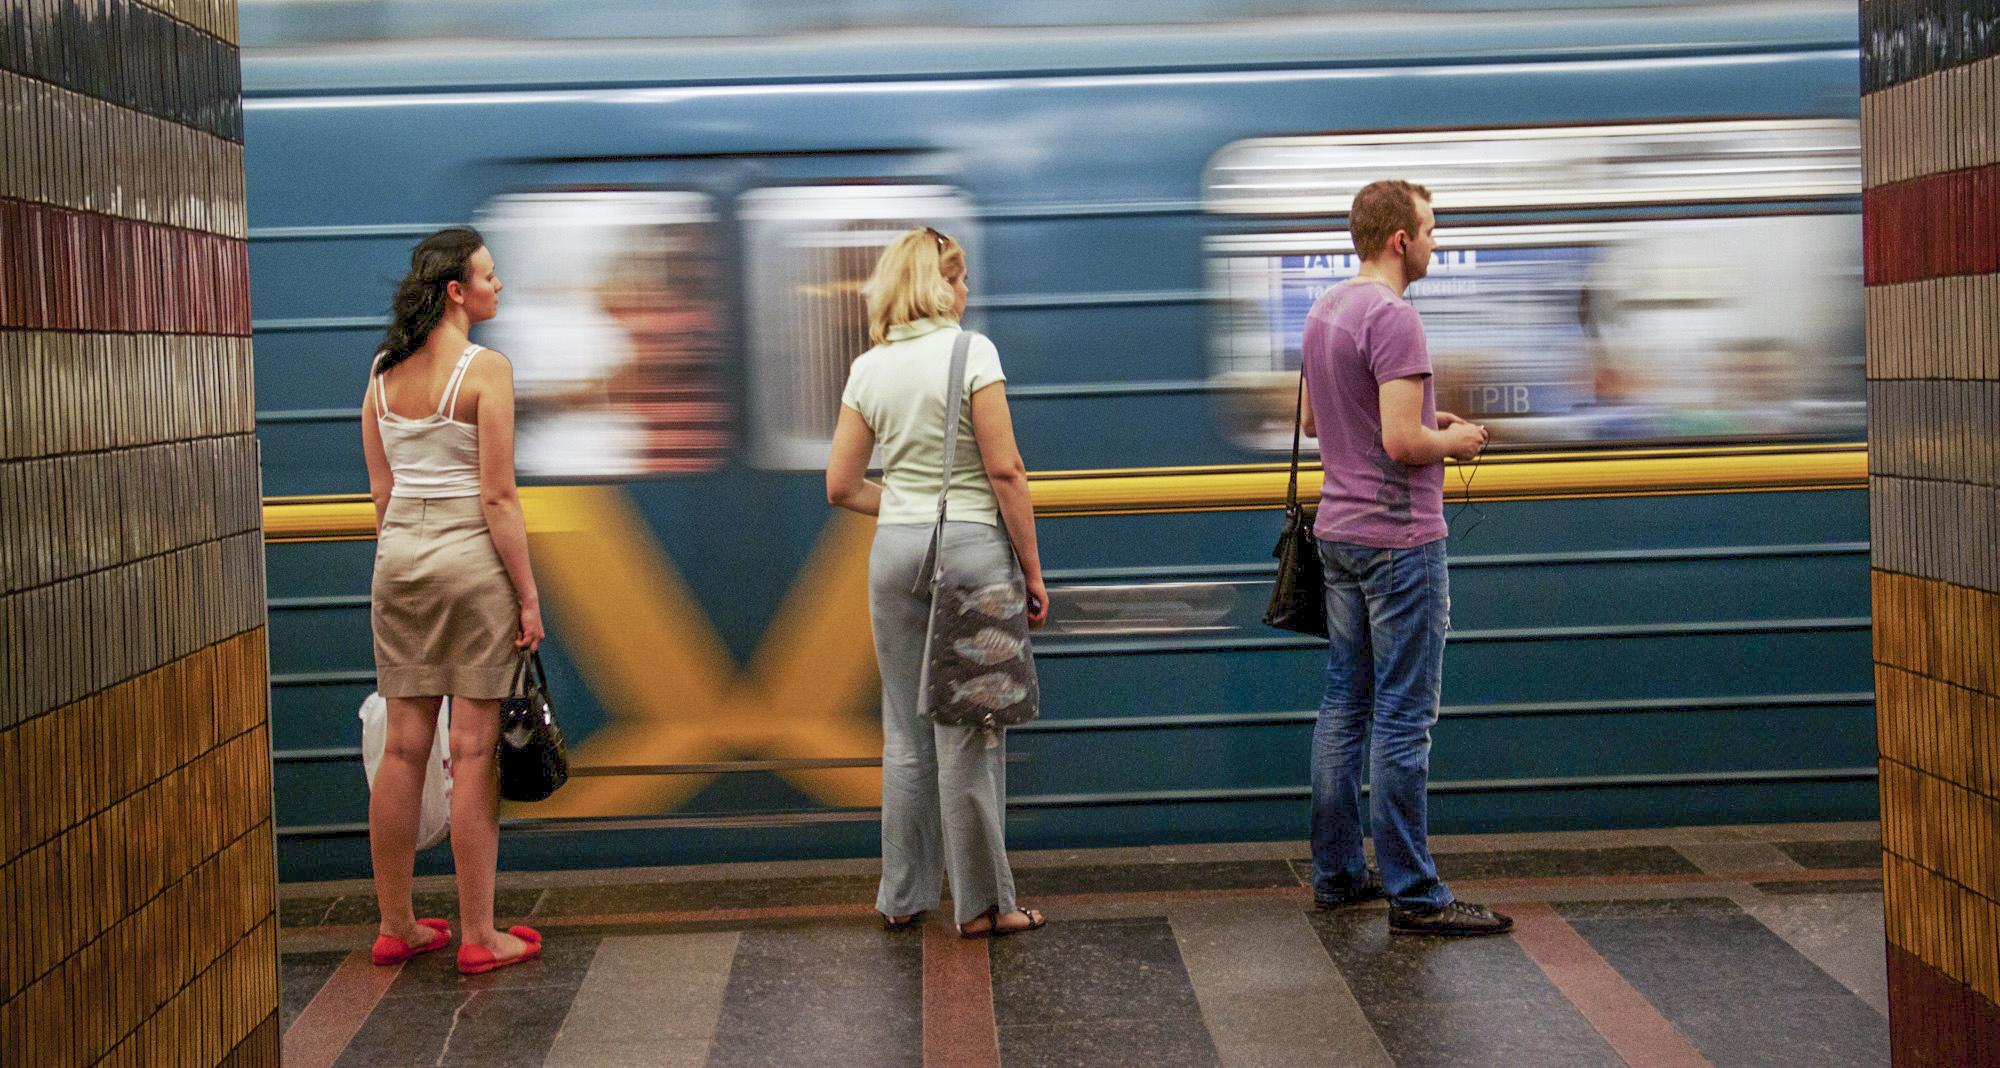 Ukraine / Travel Photography